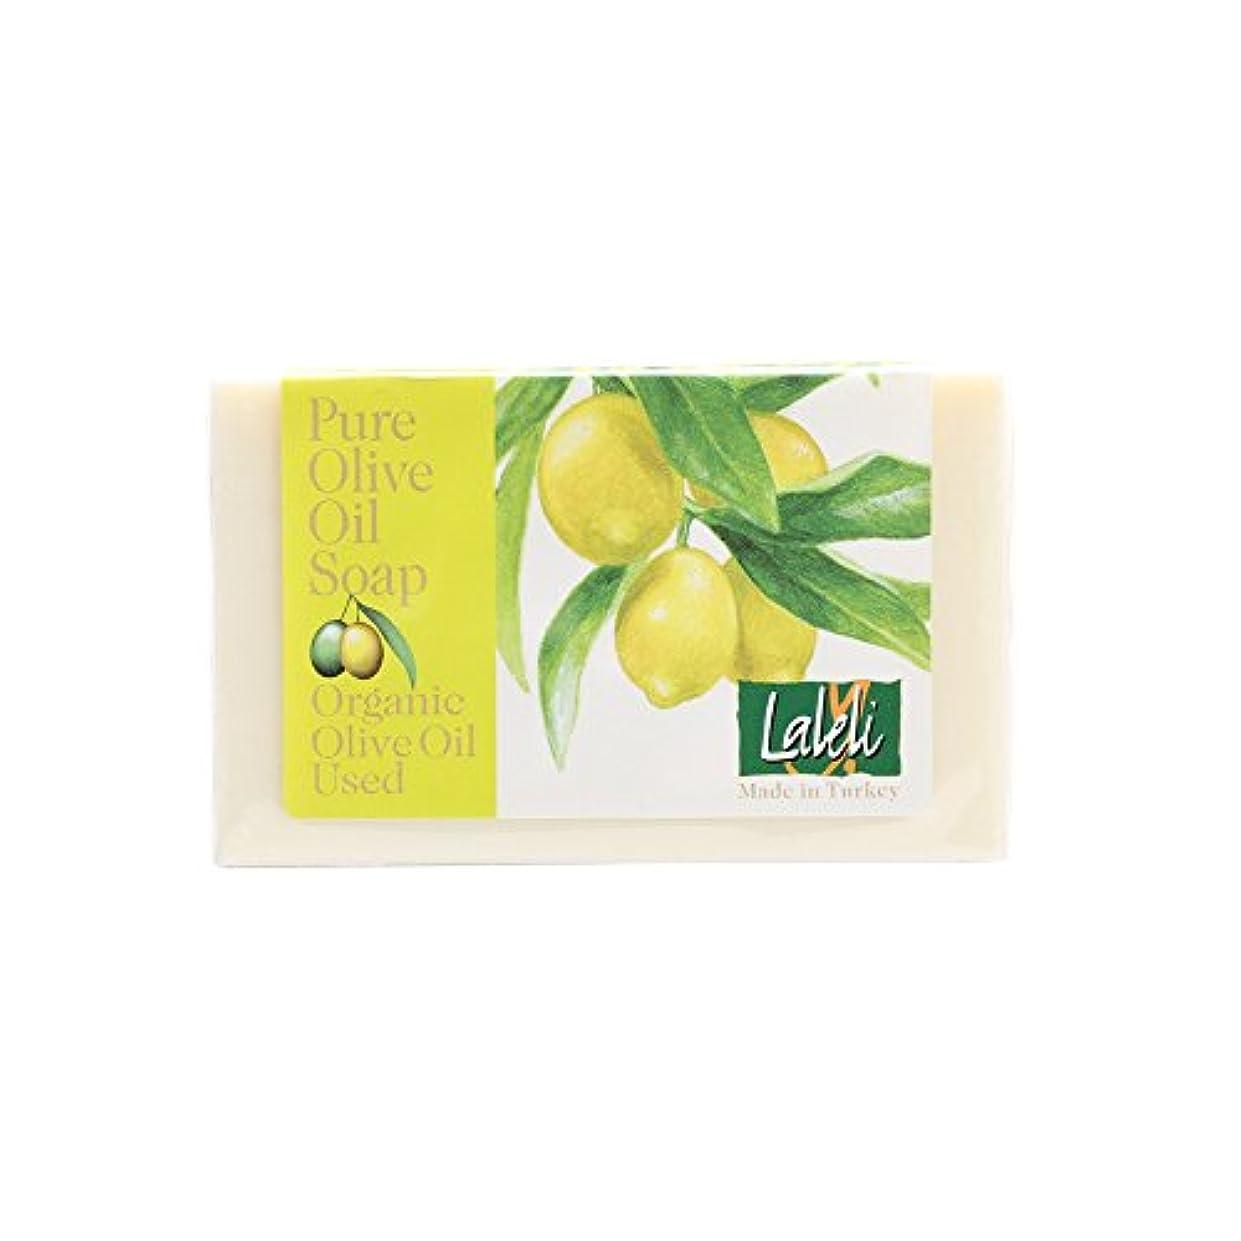 お誕生日かろうじて四回ラーレリ オーガニックオリーブオイルソープ レモン 120g